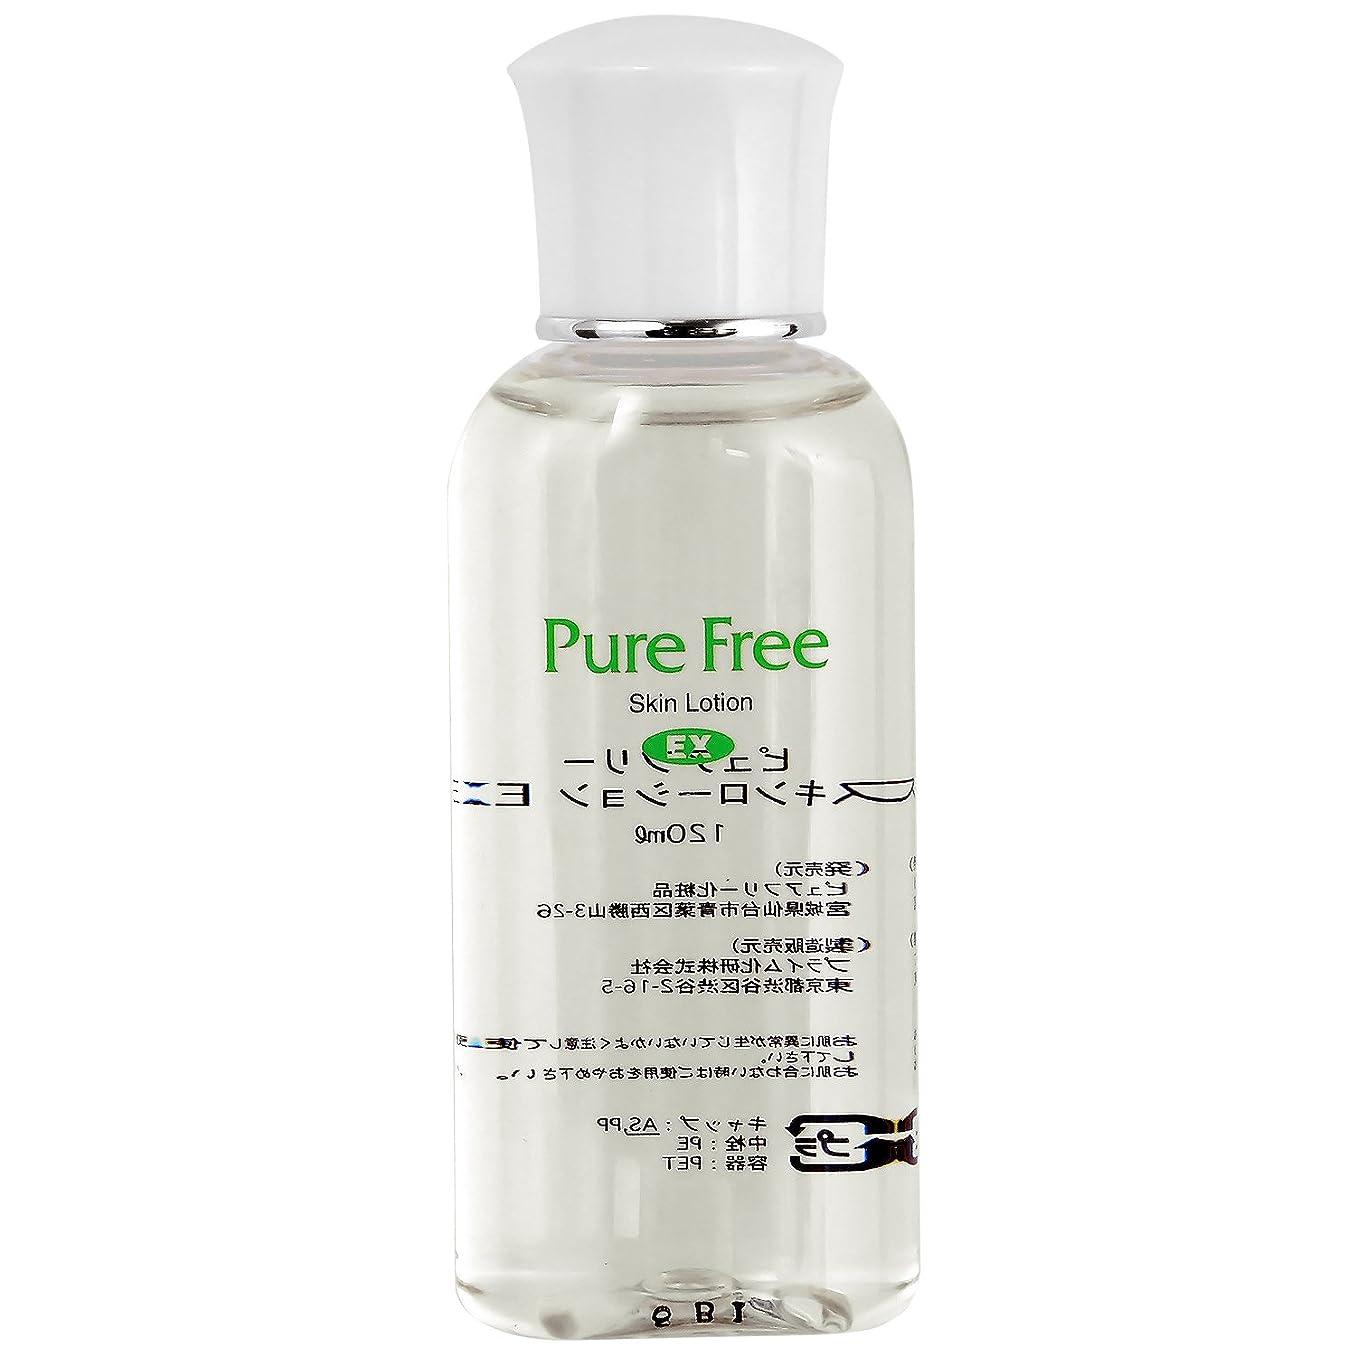 期限泣いているカールPure Free (ピュアフリー) スキンローションEX 正規品 化粧水 保湿用水分 オーガニック